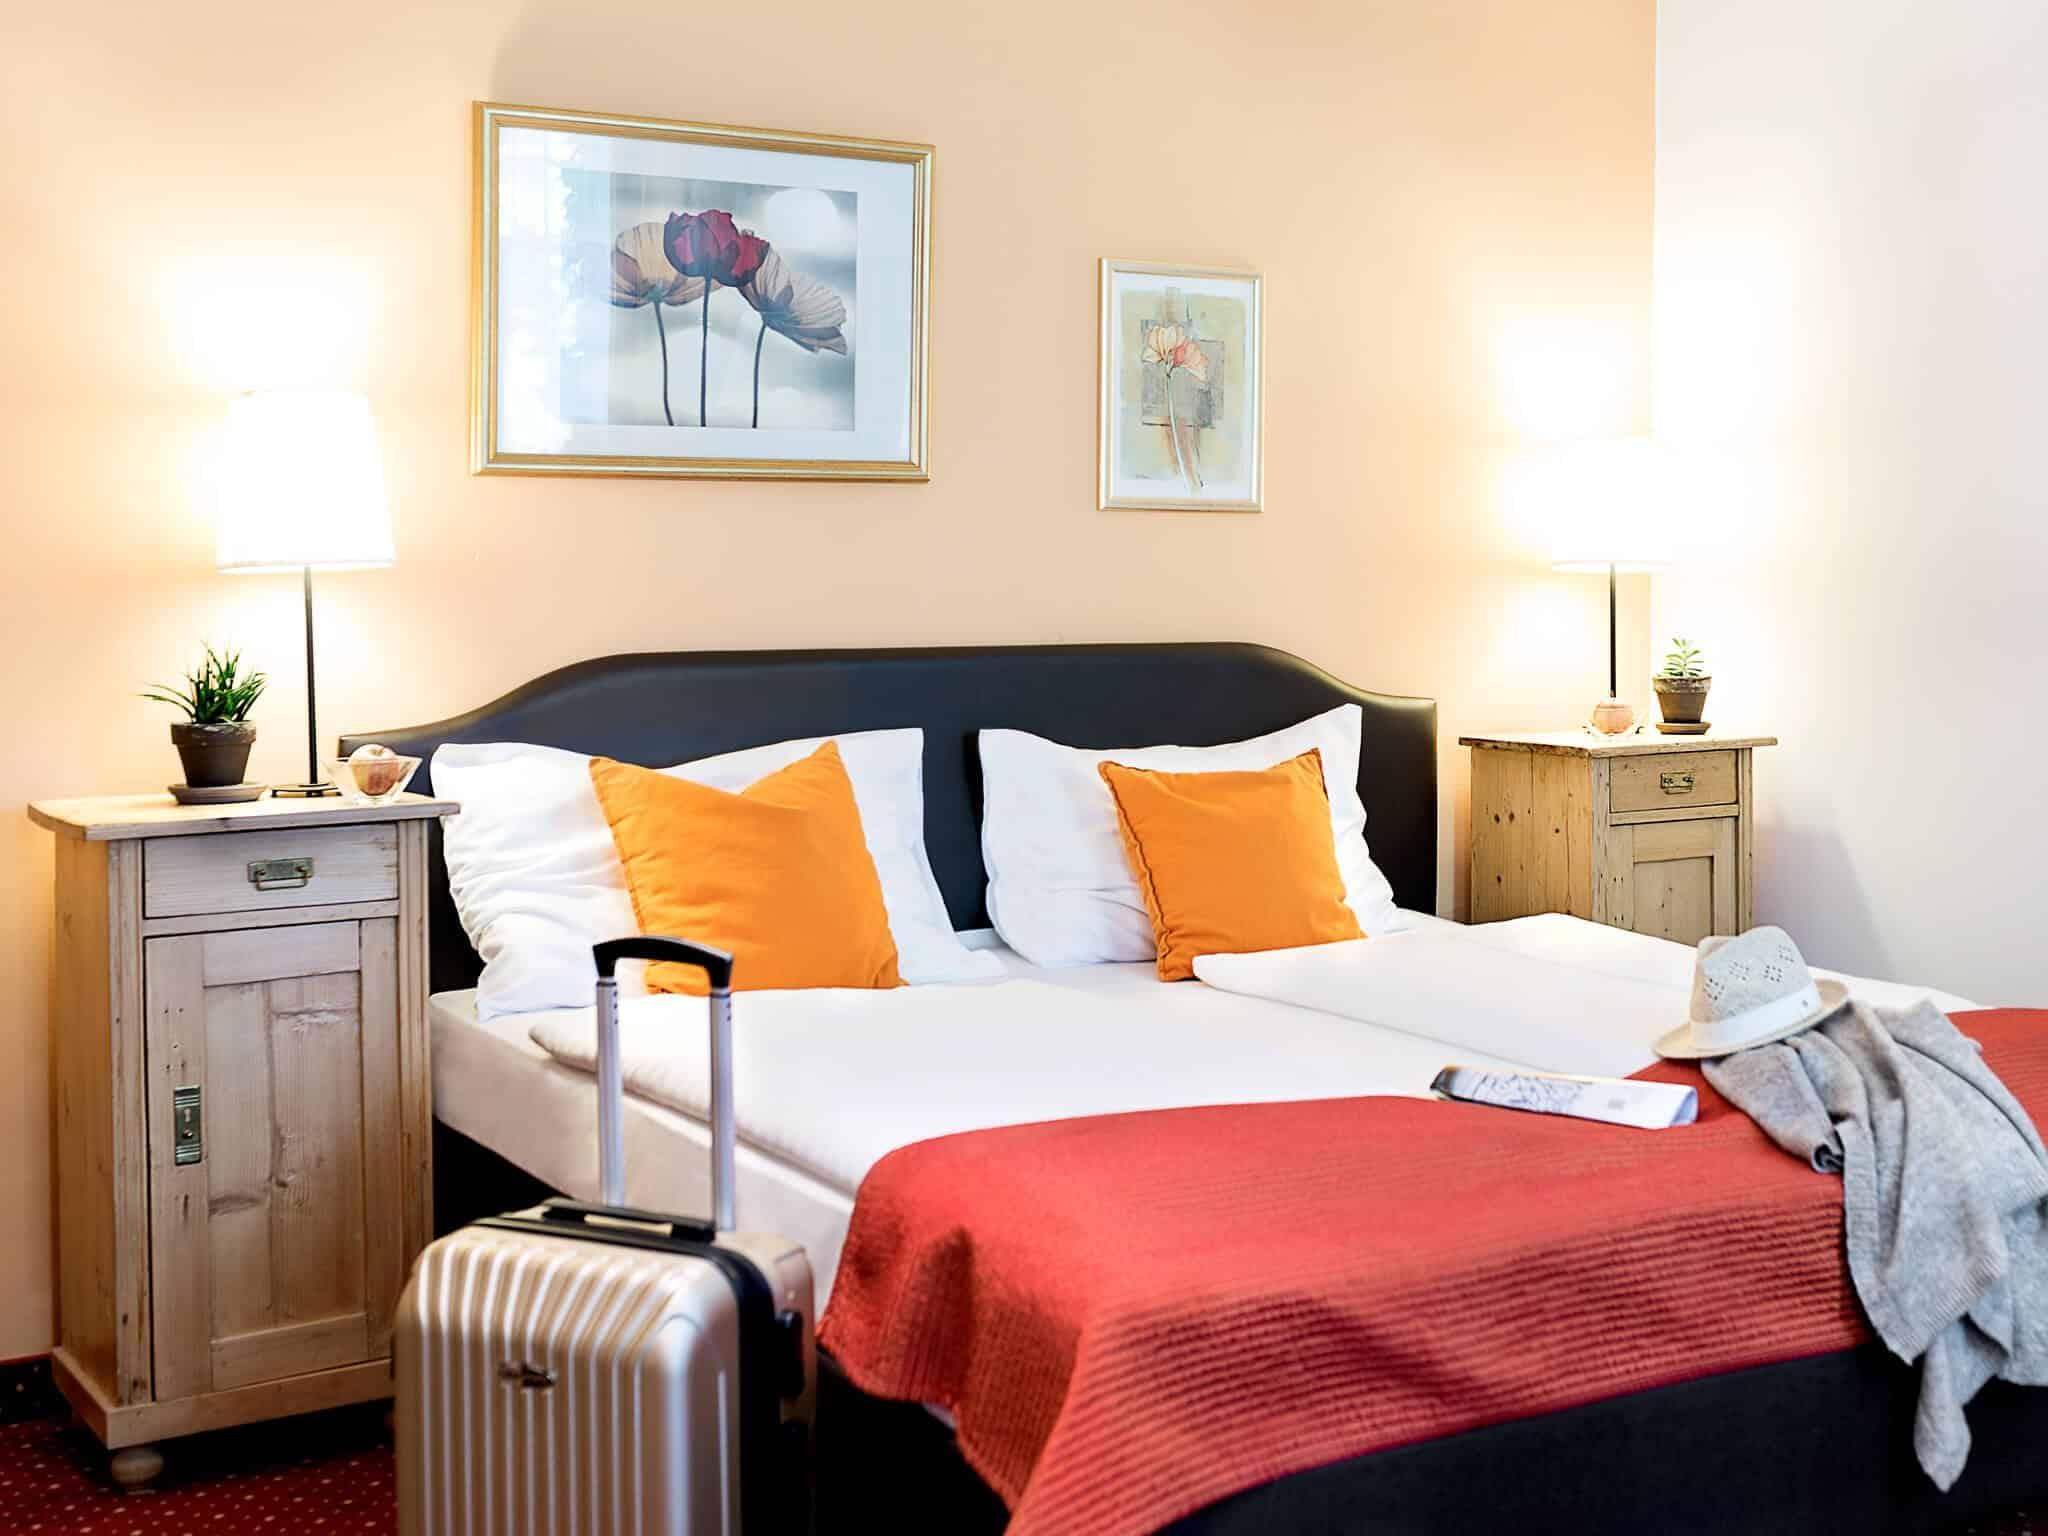 Boutiquehotel Stadthalle Superior Zimmer mit Koffer und Hut am Bett